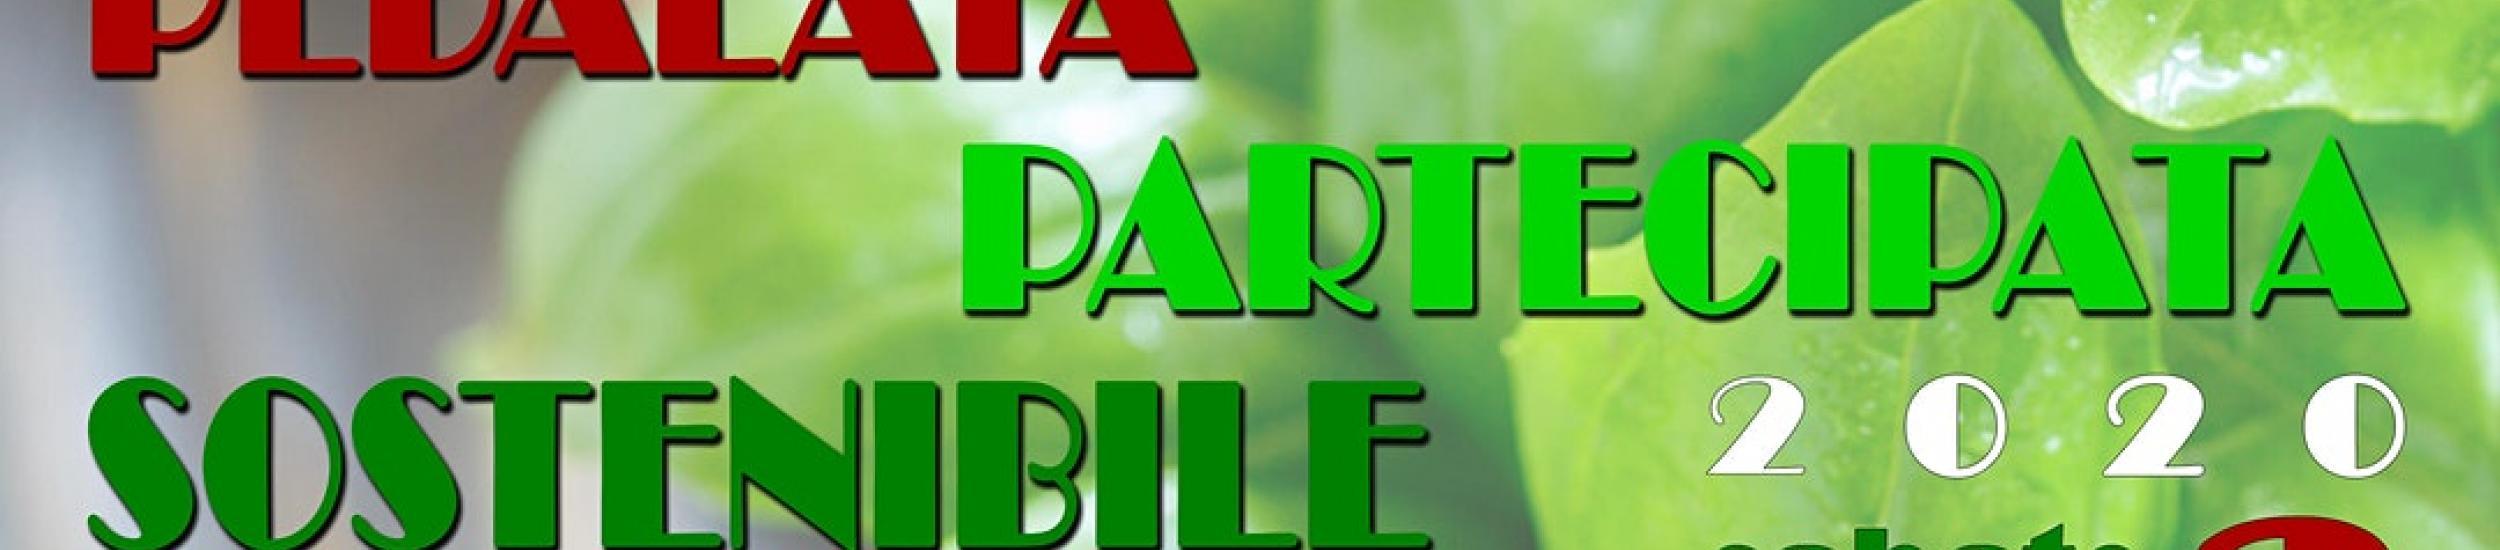 pedalata partecipata sostenibile 2020